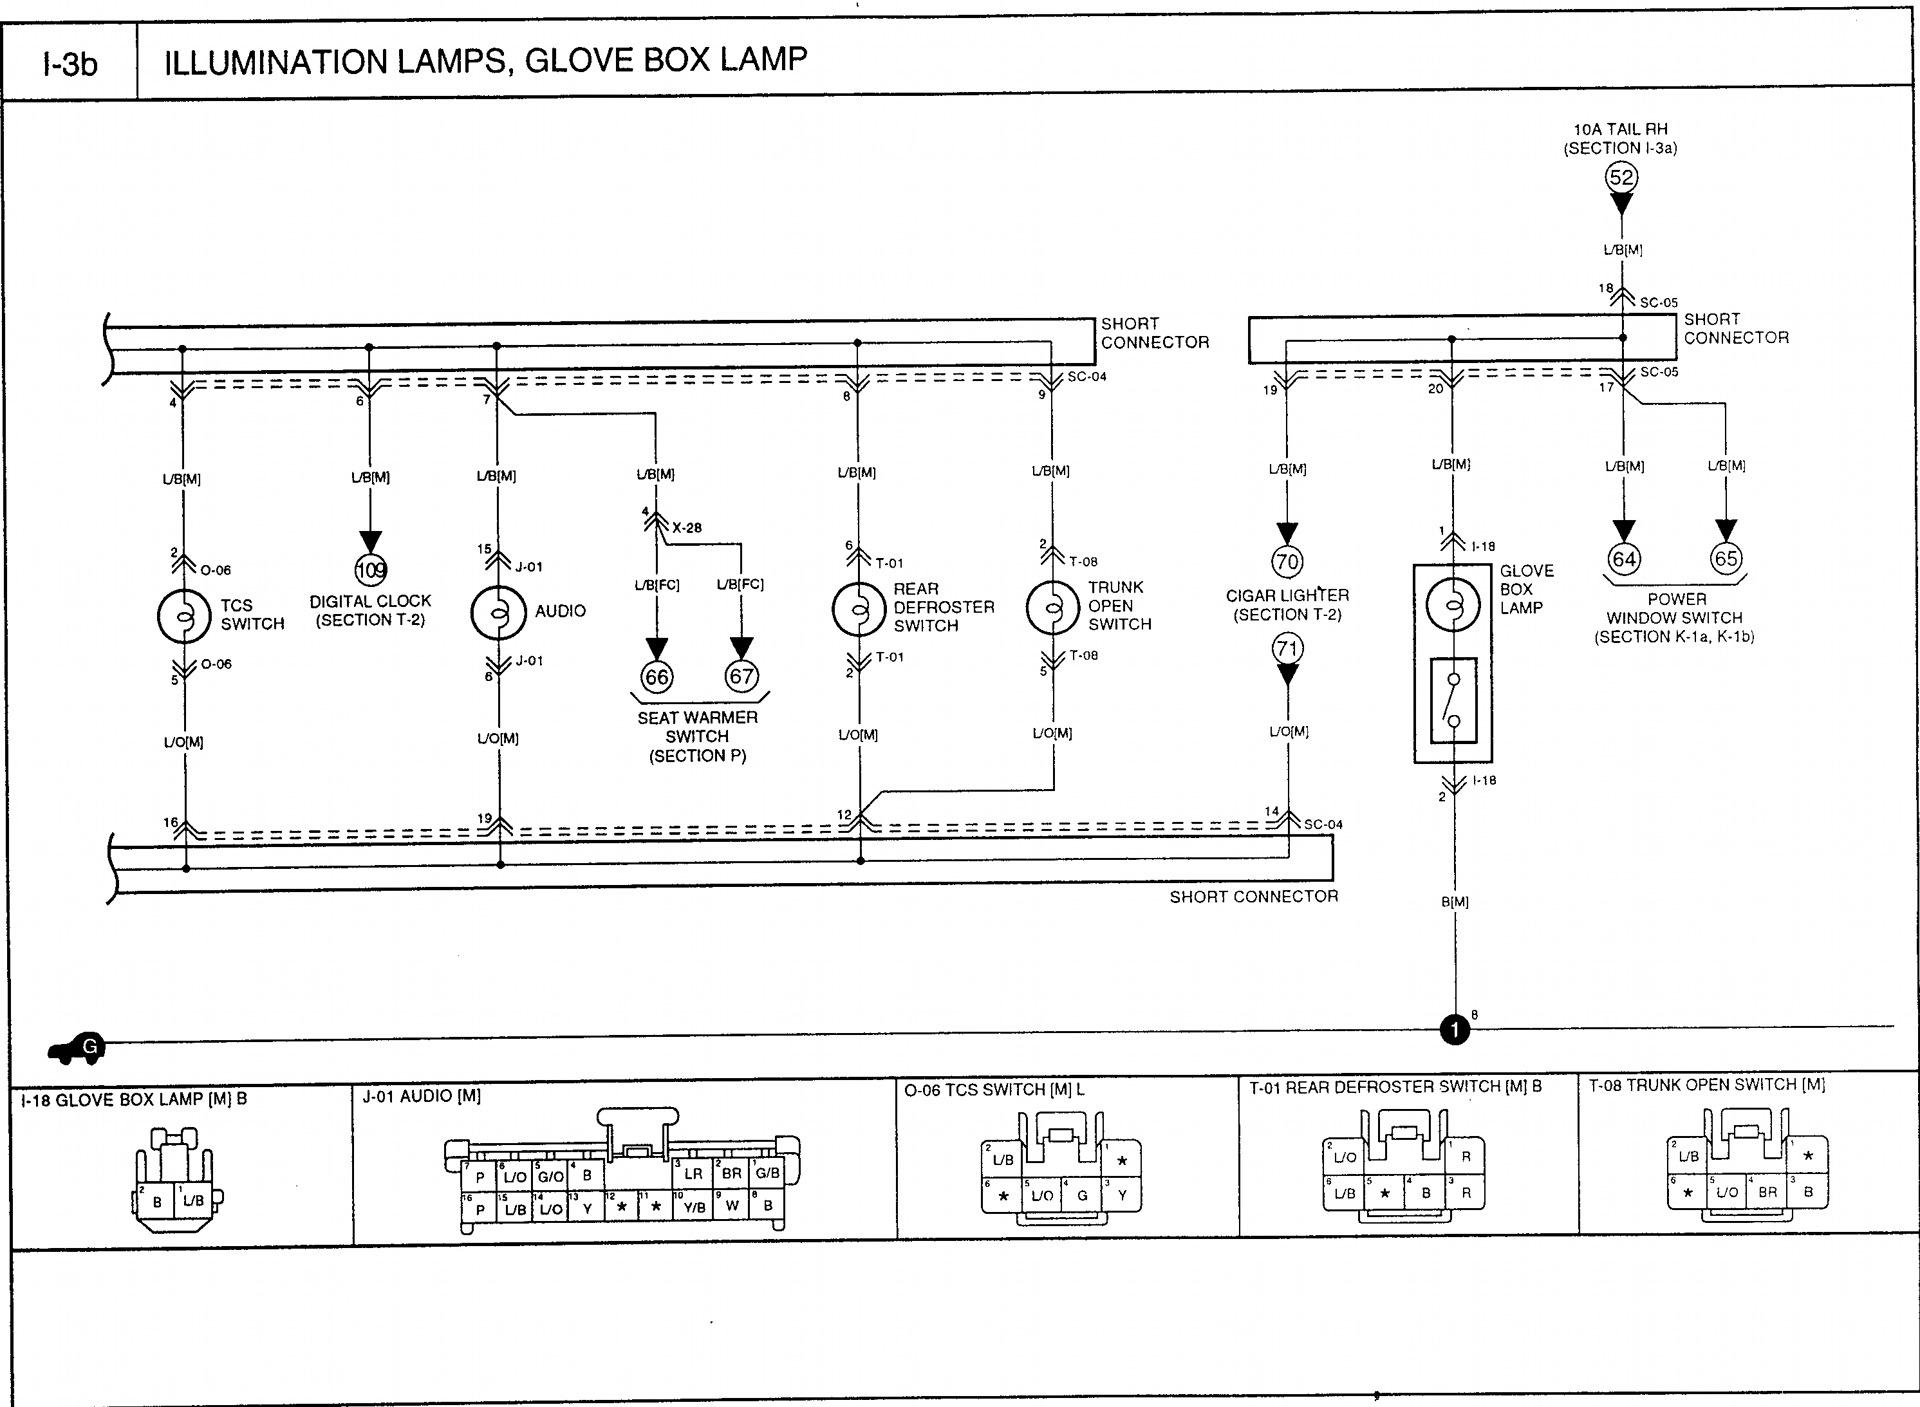 кия серато 2004 схема стеклоподъемников электрическая